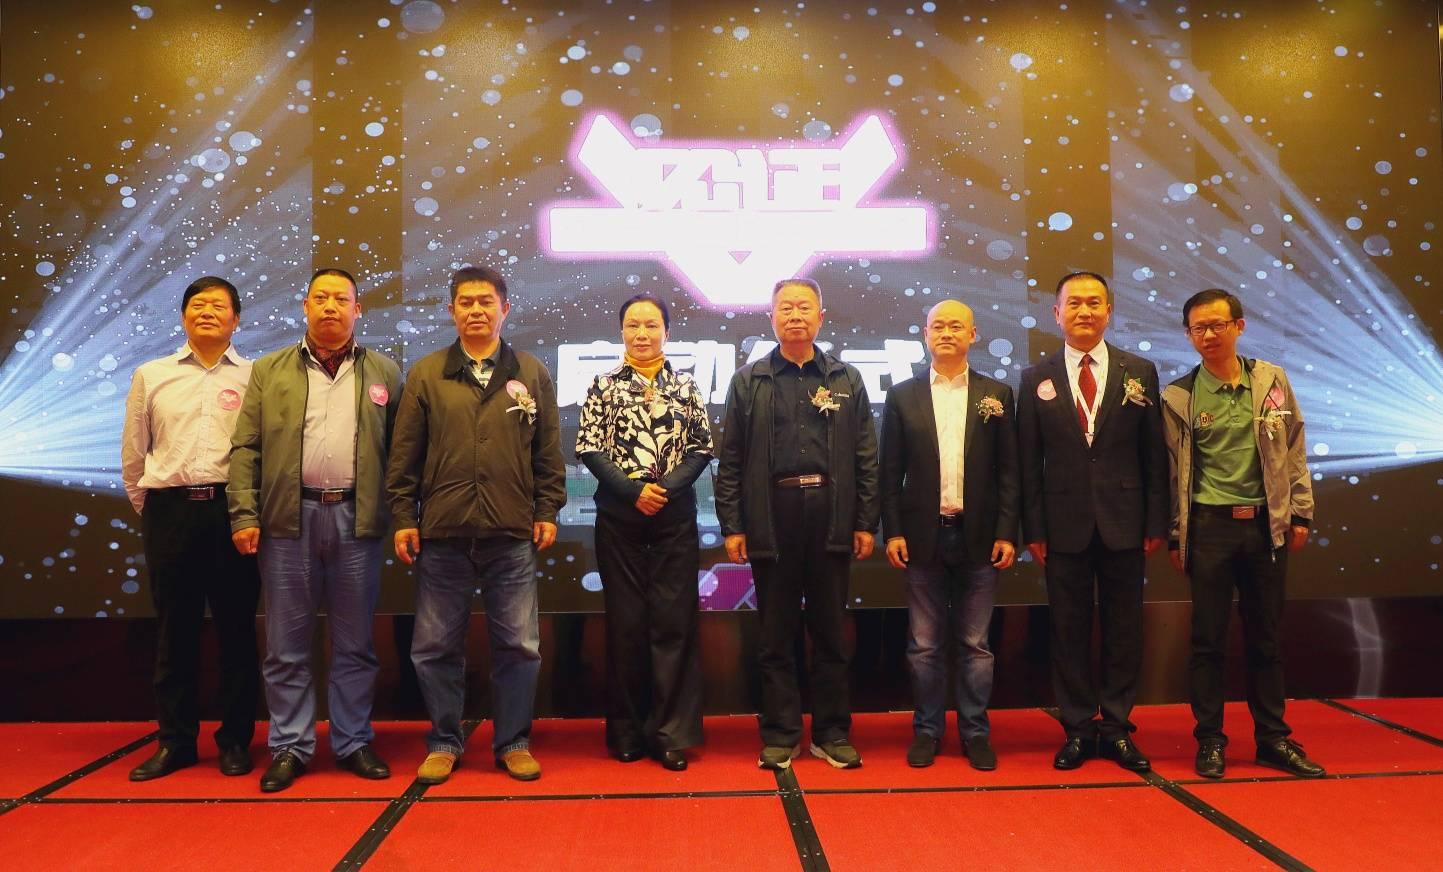 《见证下一个明星主播》栏目昆明启动-天津热点网